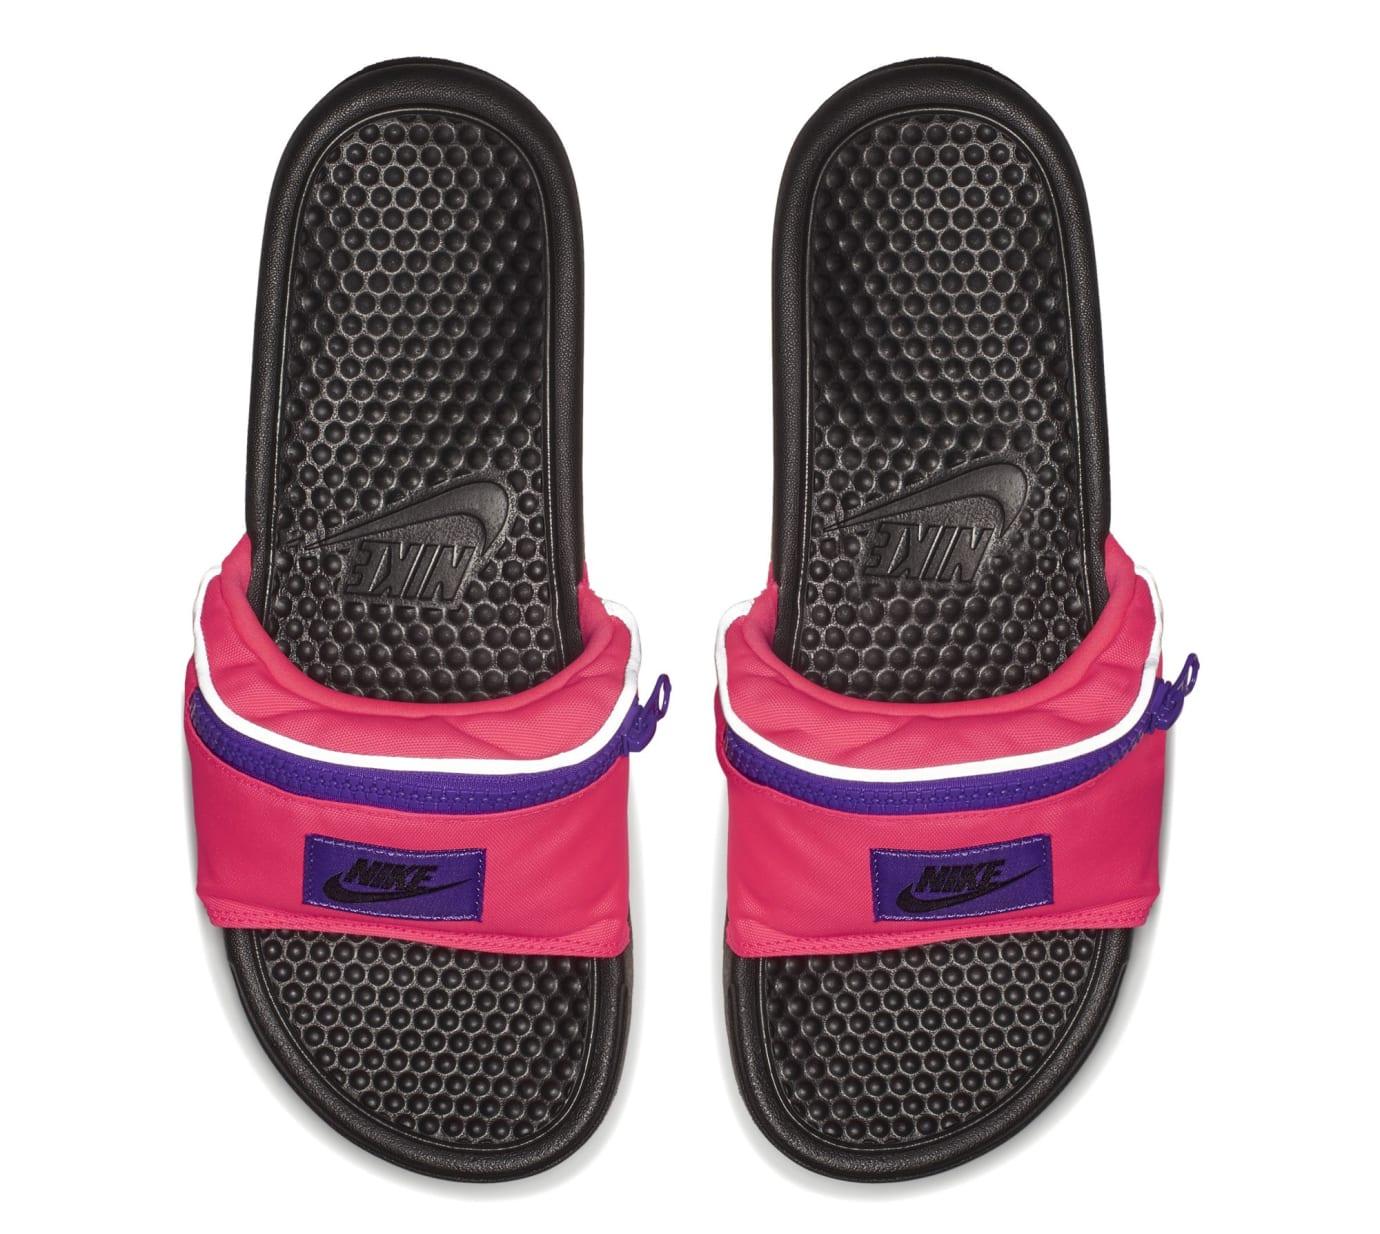 2019 original retro el precio más bajo Nike Benassi JDI 'Fanny Pack' Slides | Sole Collector